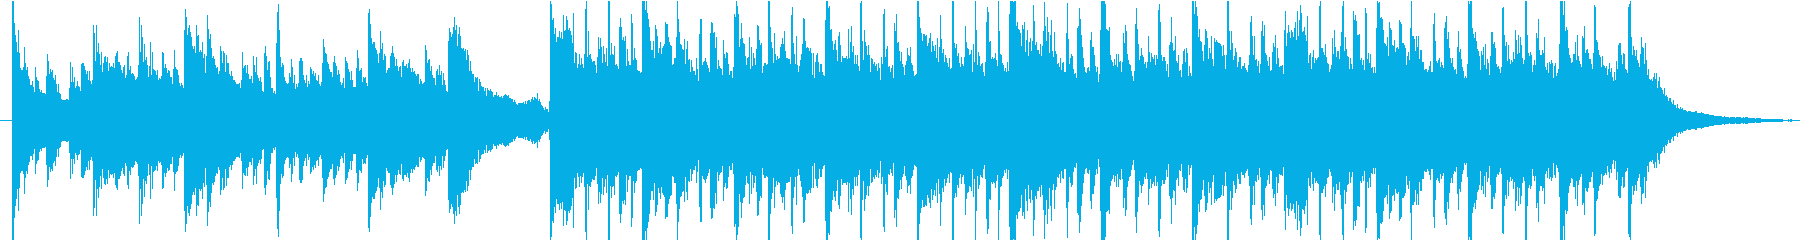 アコースティックギターのポップスの再生済みの波形